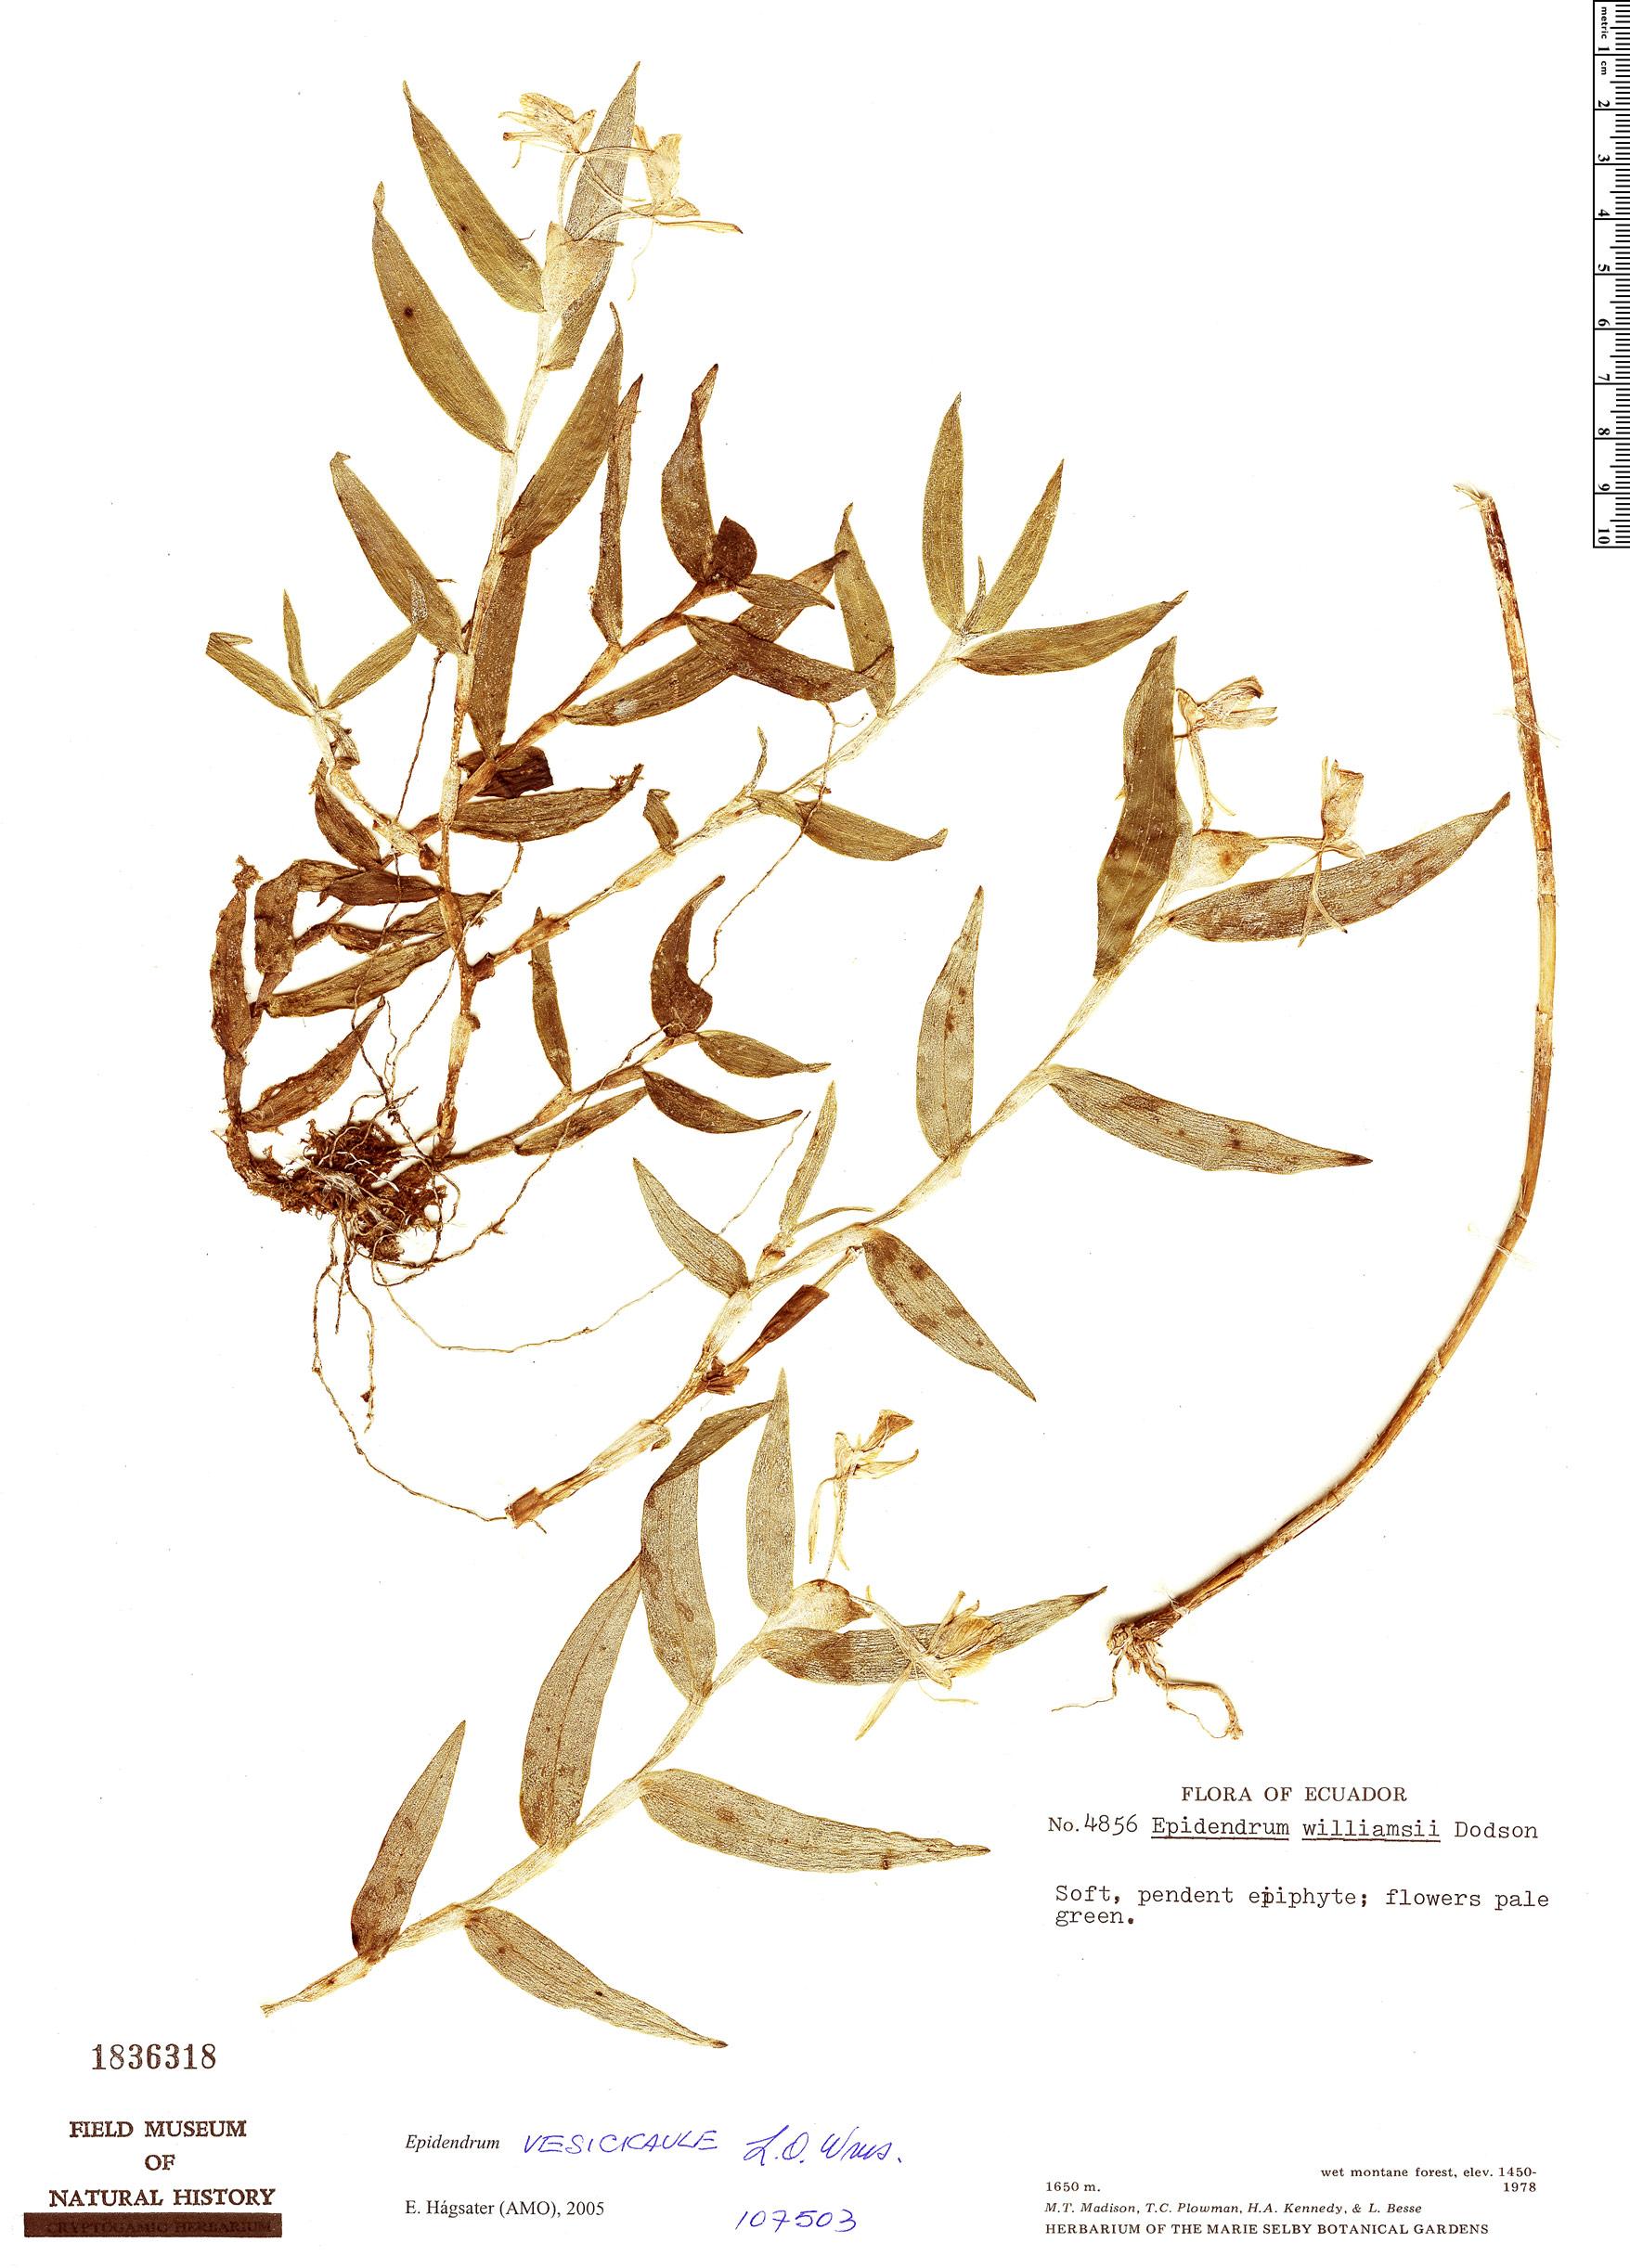 Specimen: Epidendrum vesicicaule